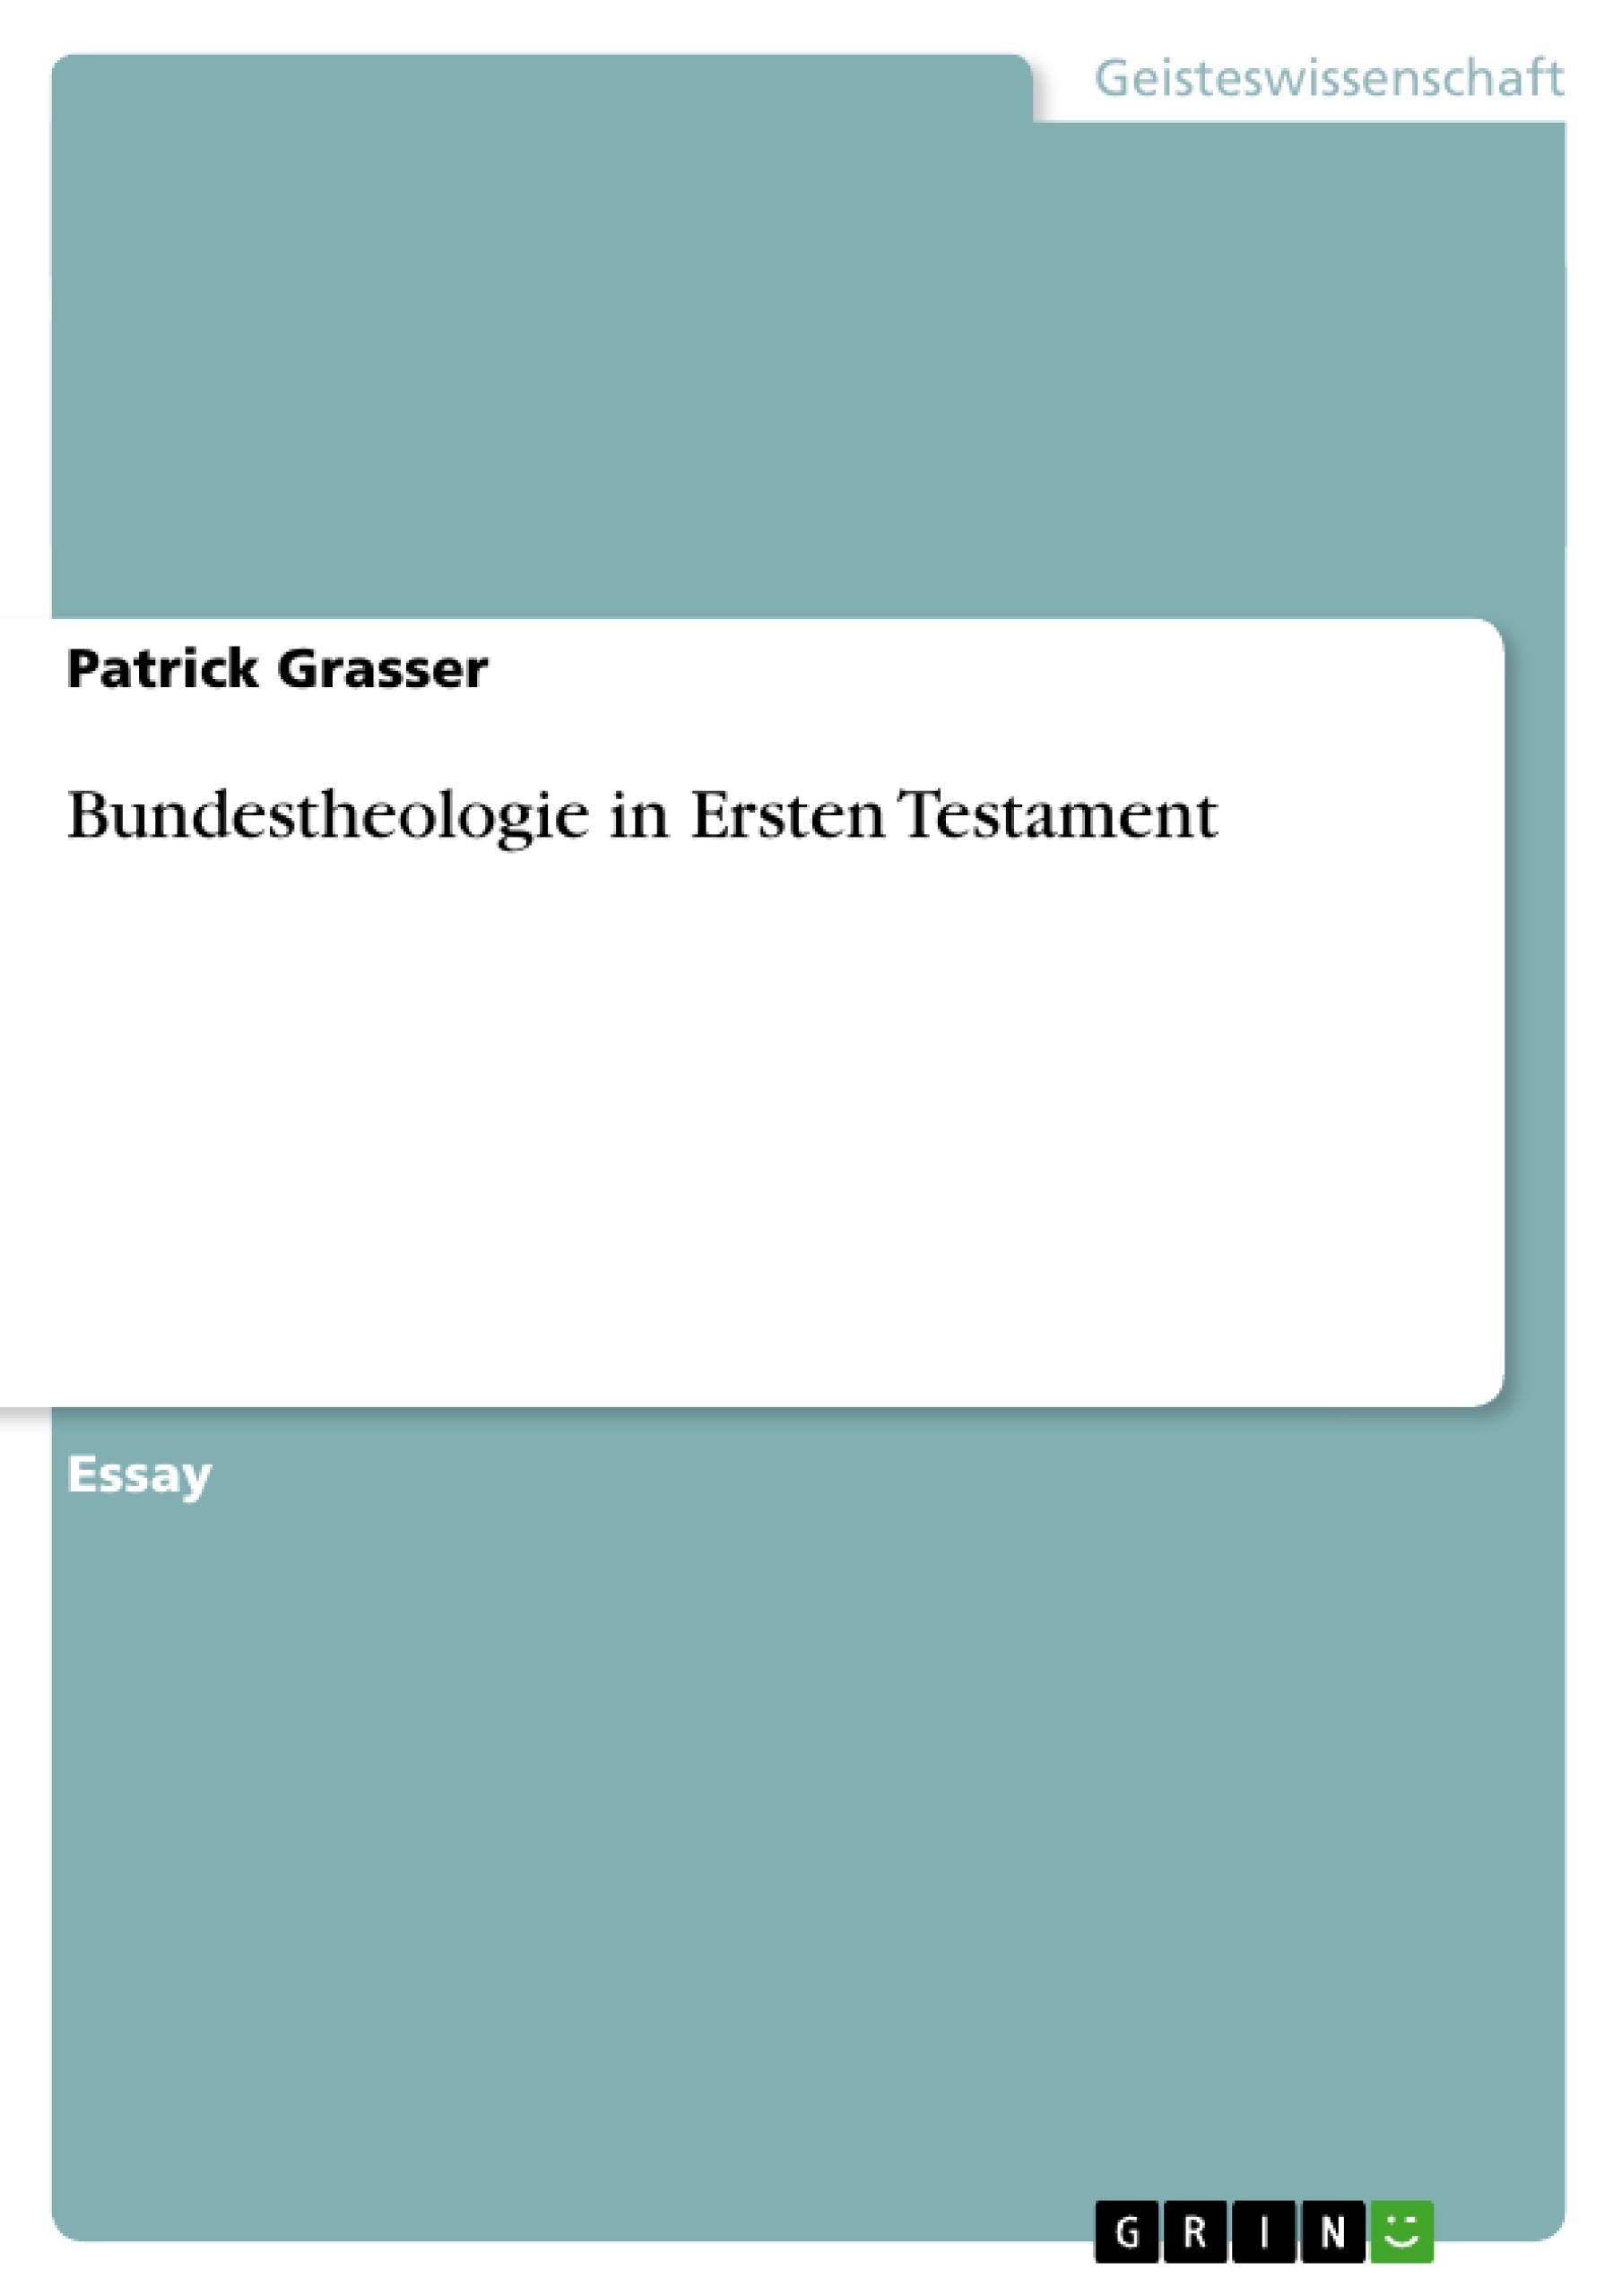 Titel: Bundestheologie in Ersten Testament